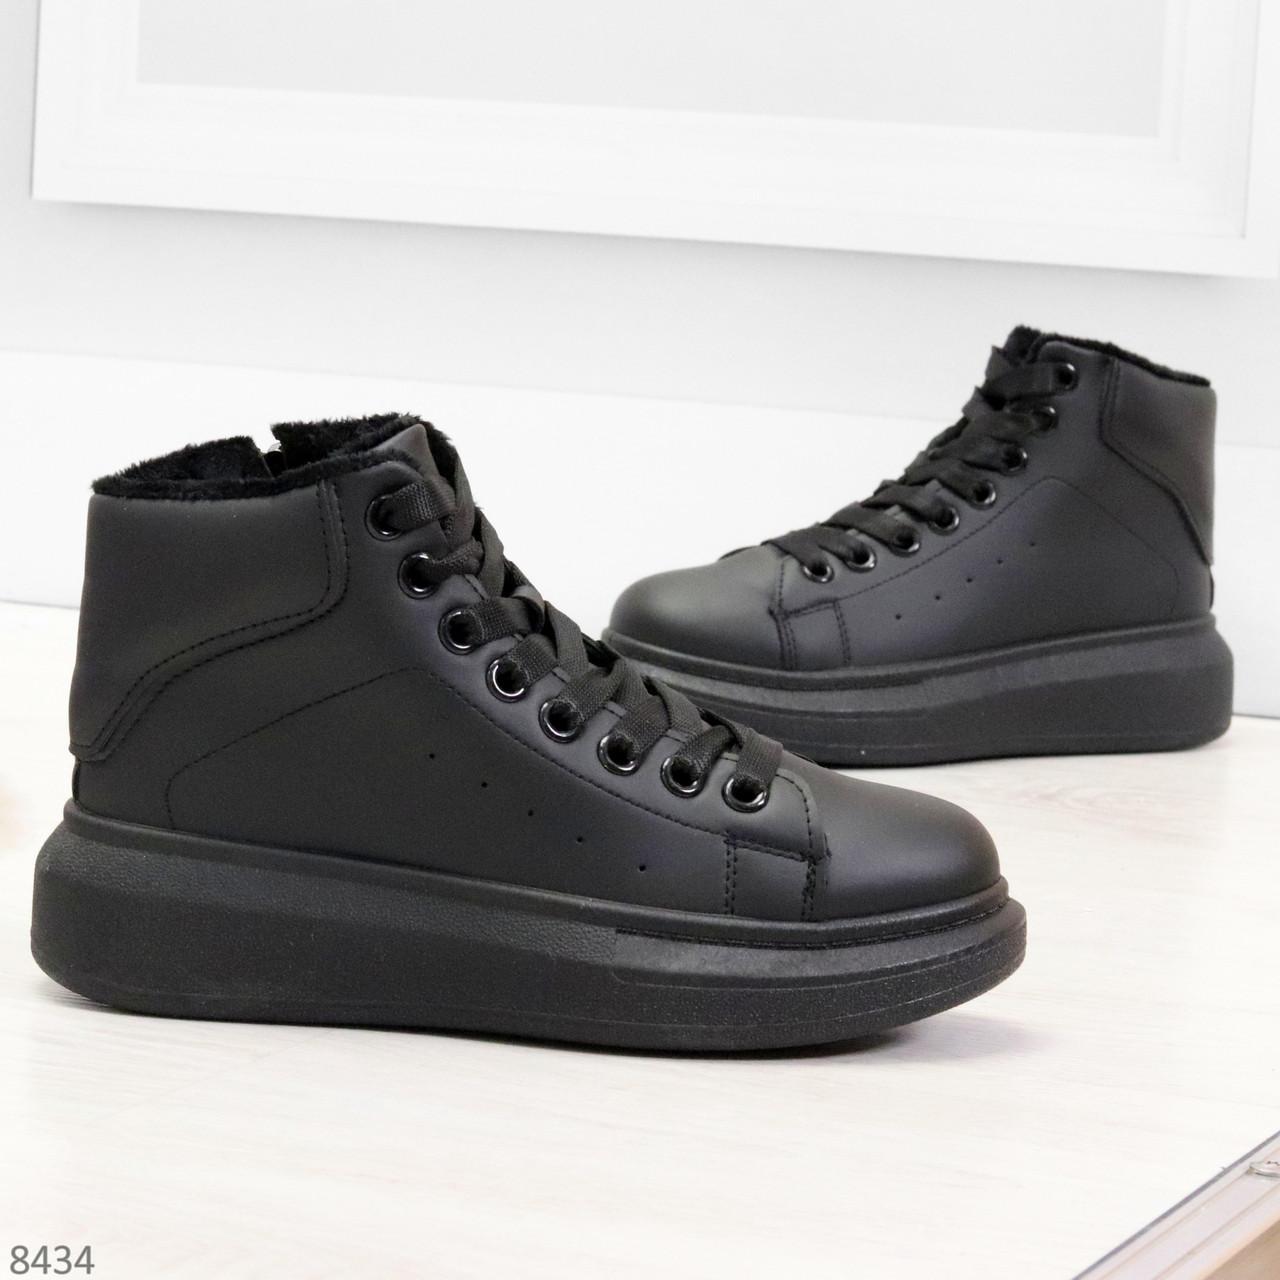 Модные высокие черные женские кроссовки кеды криперы по доступной цене